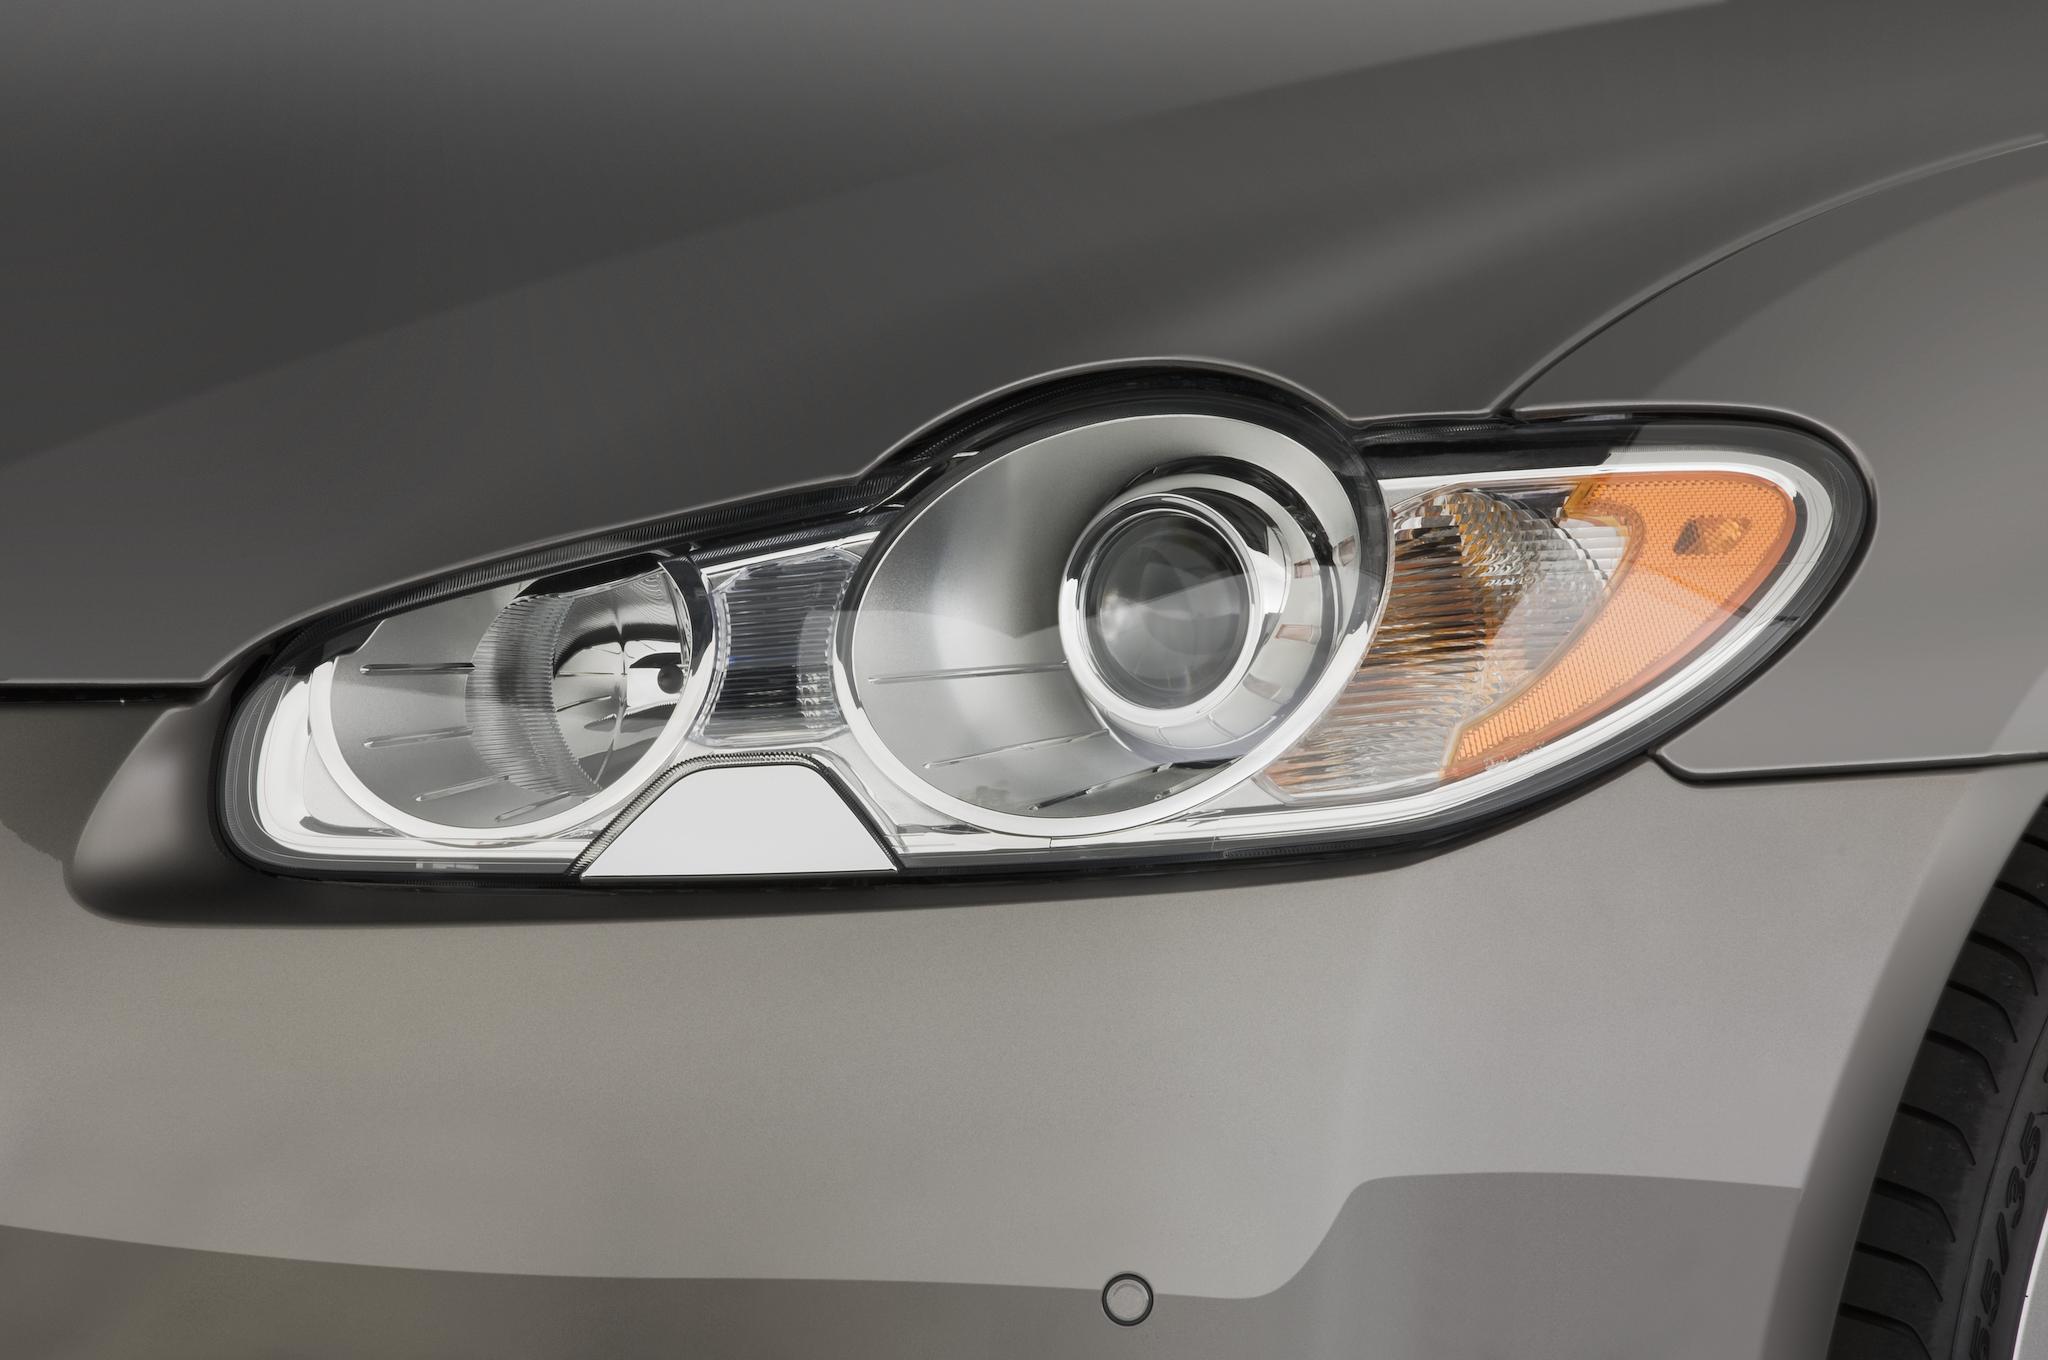 2010 Jaguar Xfr 2009 Detroit Auto Show Coverage New Car Reviews Cover Headlamp Satria Fu Gen3 19 74